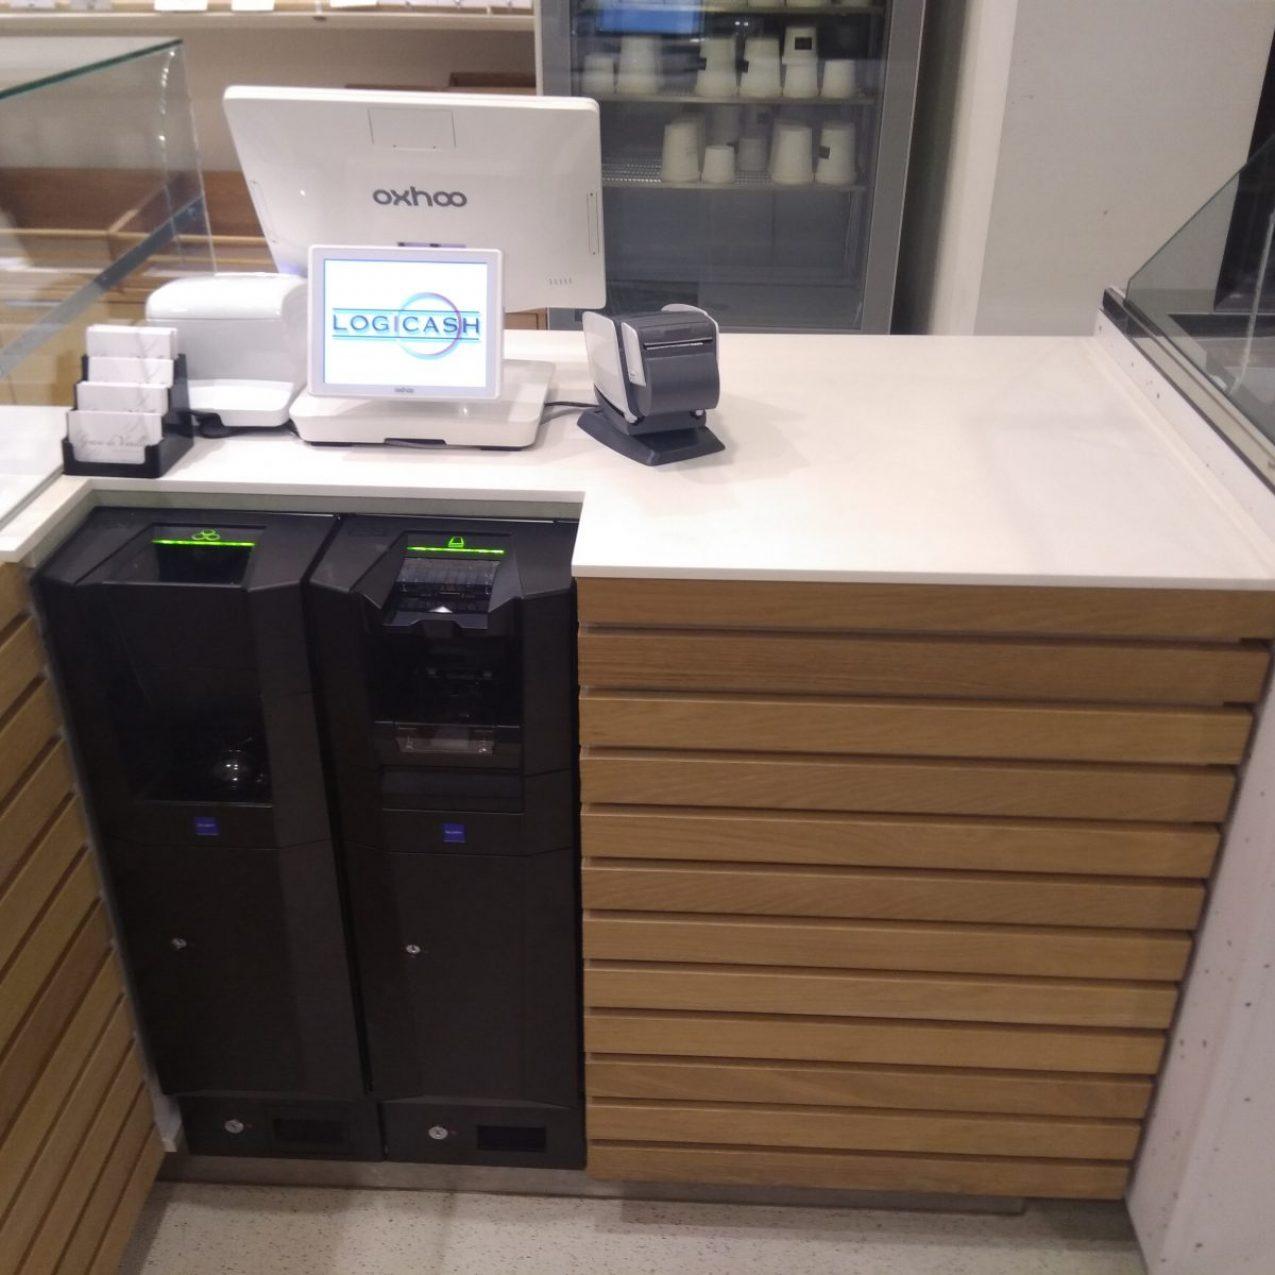 Monnayeur Glory CI-10 dans un comptoir avec caisse Oxhoo